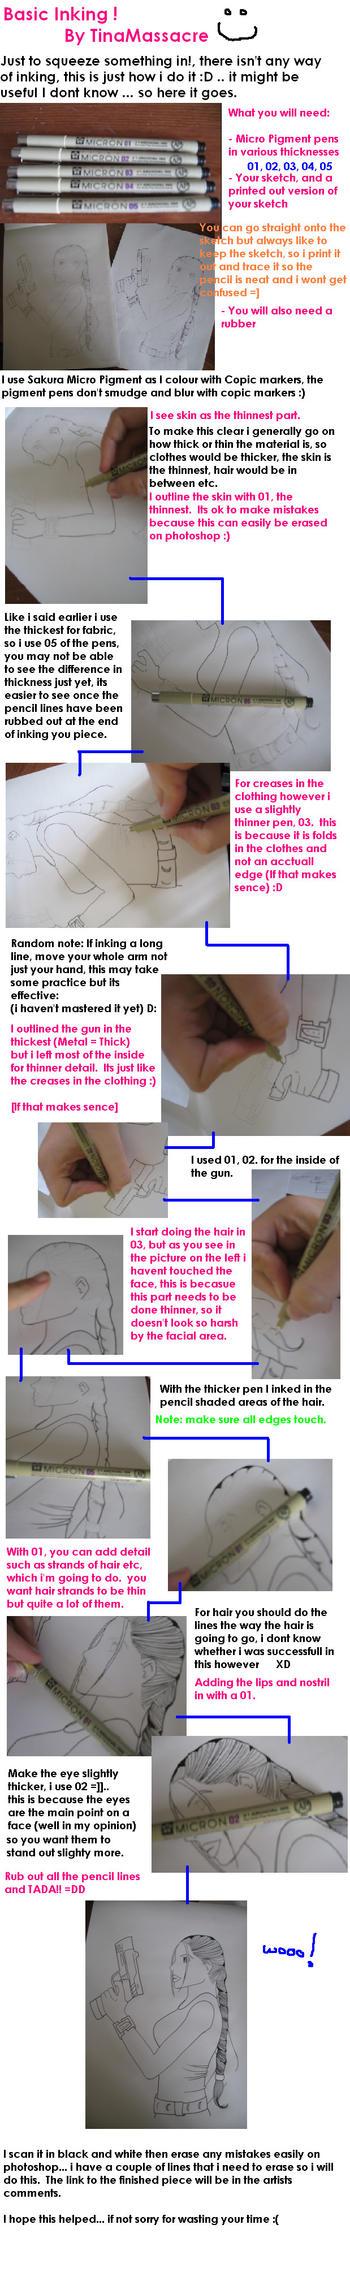 Tutorial 02 - Basic Inking by TinaMassacre